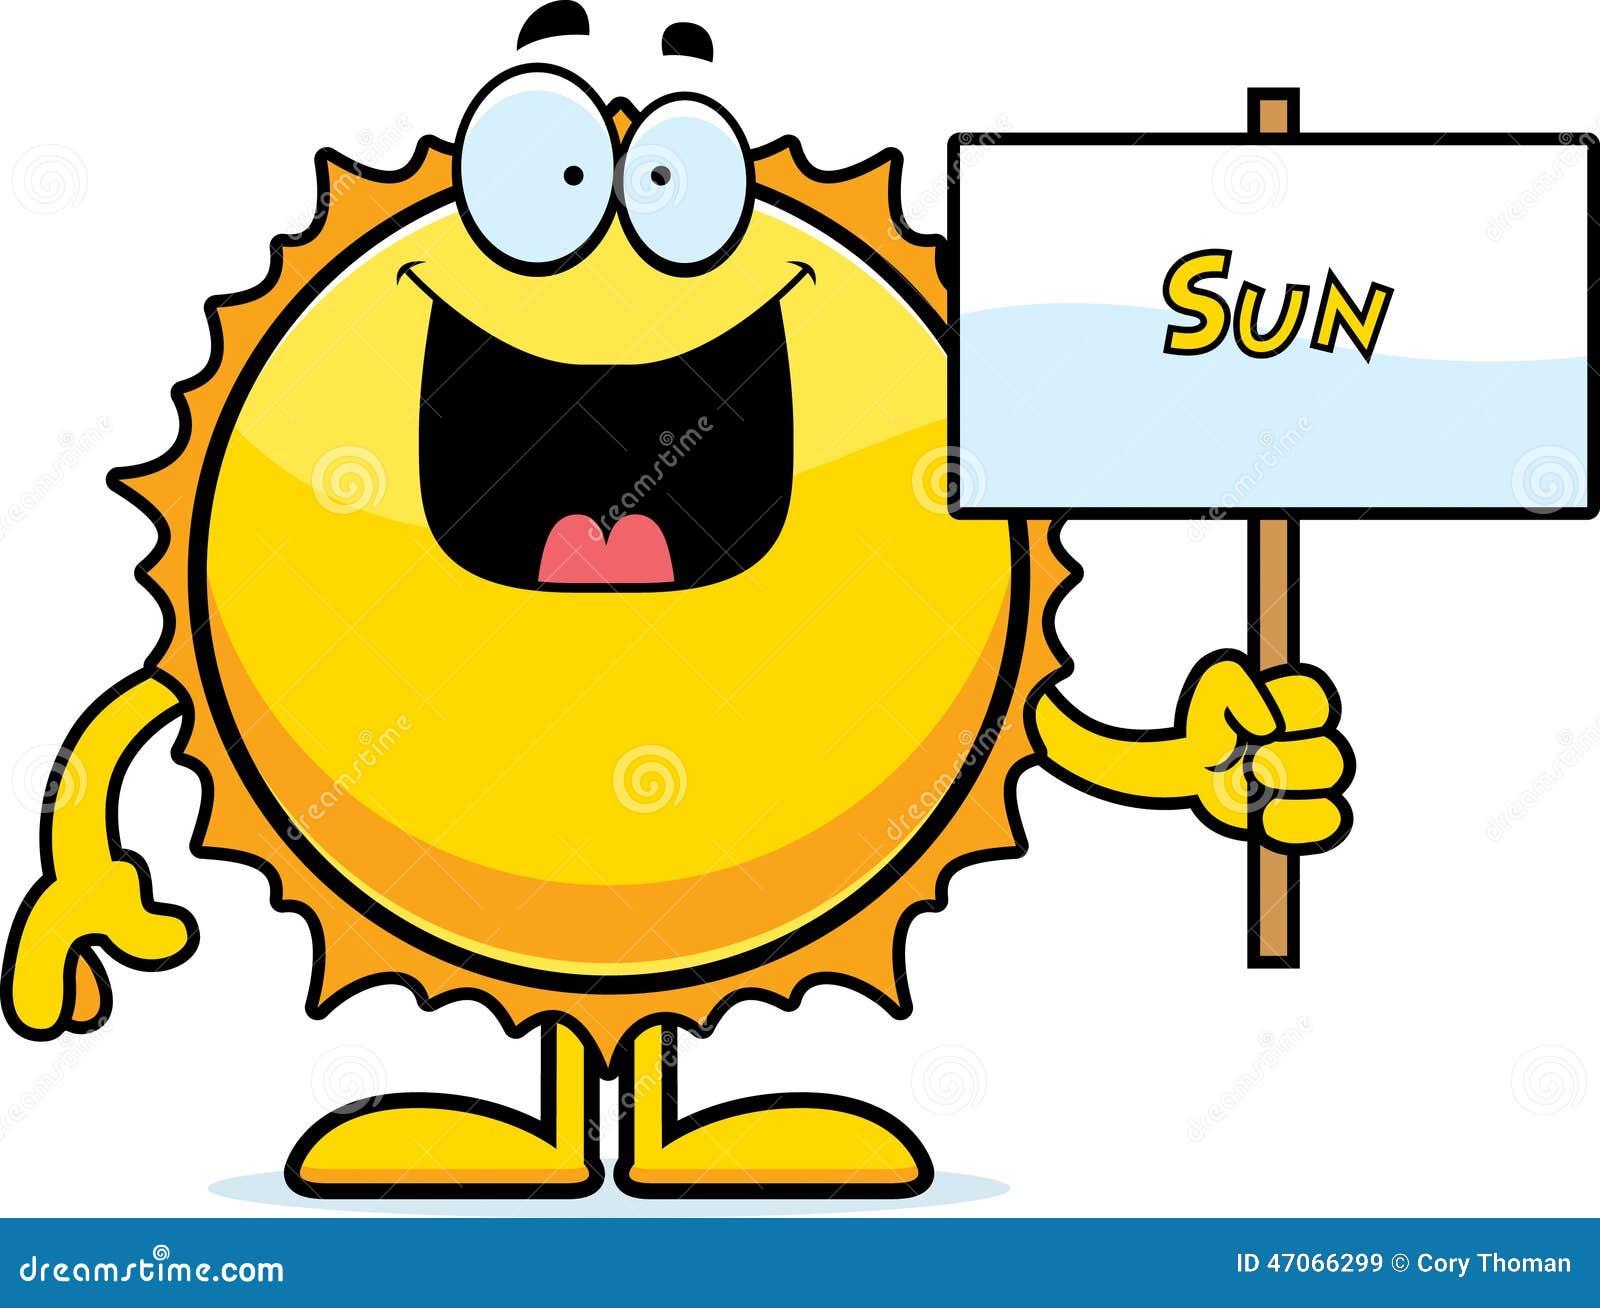 Cartoon Sun Sign Stock...